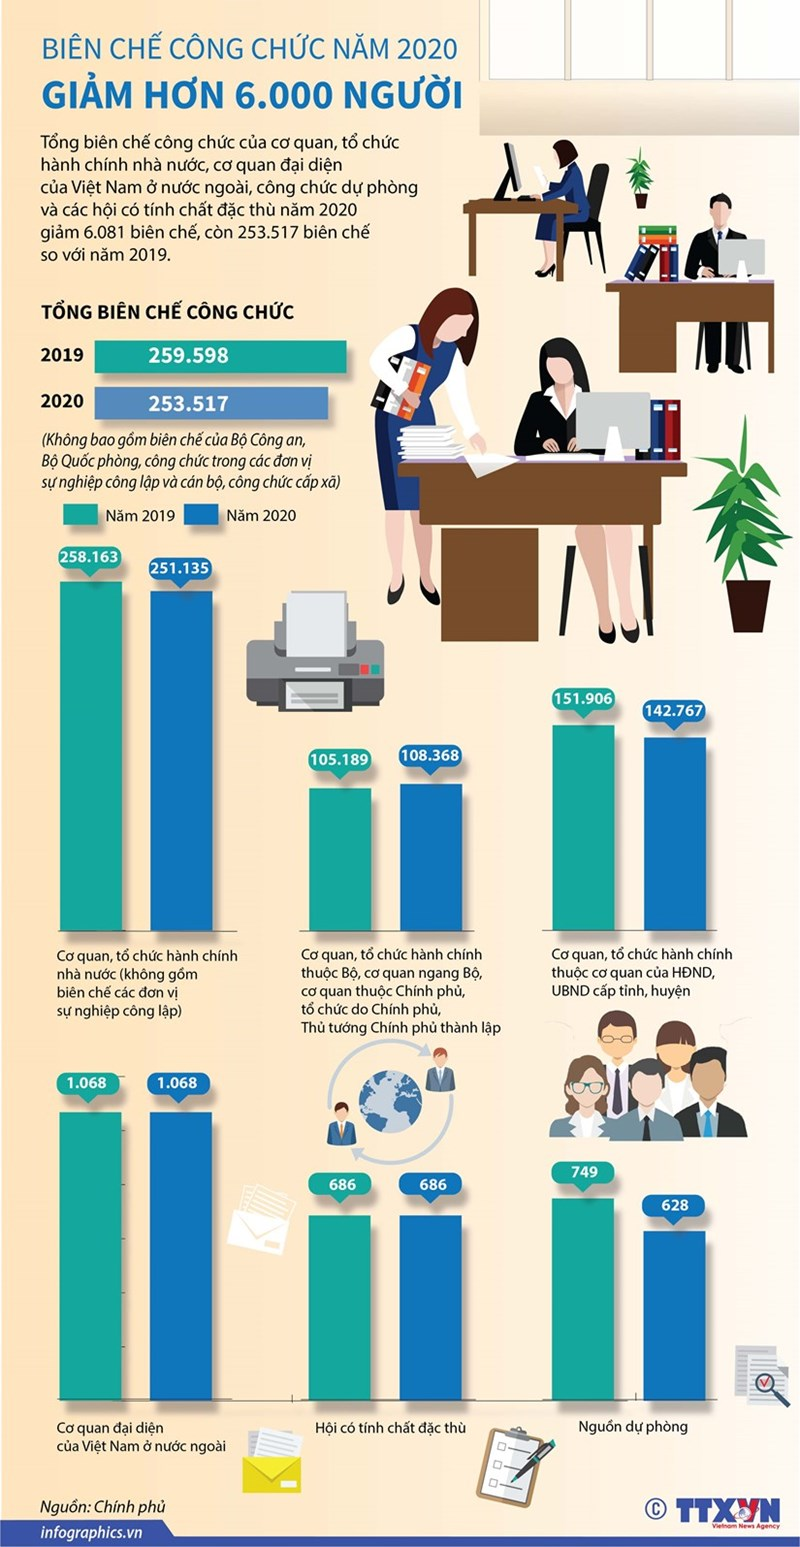 [Infographics] Năm 2020 biên chế công chức giảm hơn 6.000 người - Ảnh 1